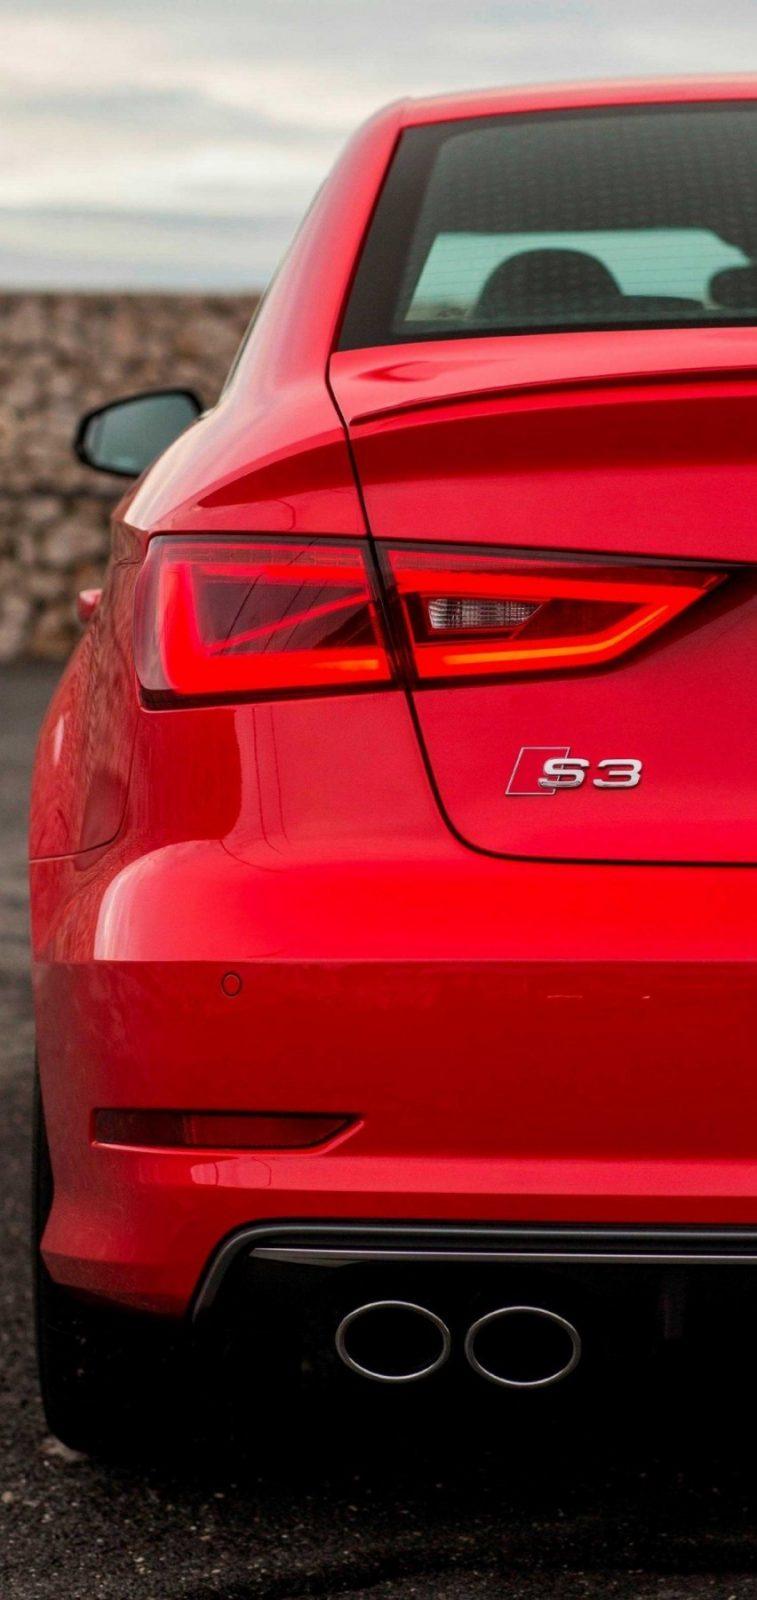 CarRevsDaily - 2015 Audi S3 Exterior 34